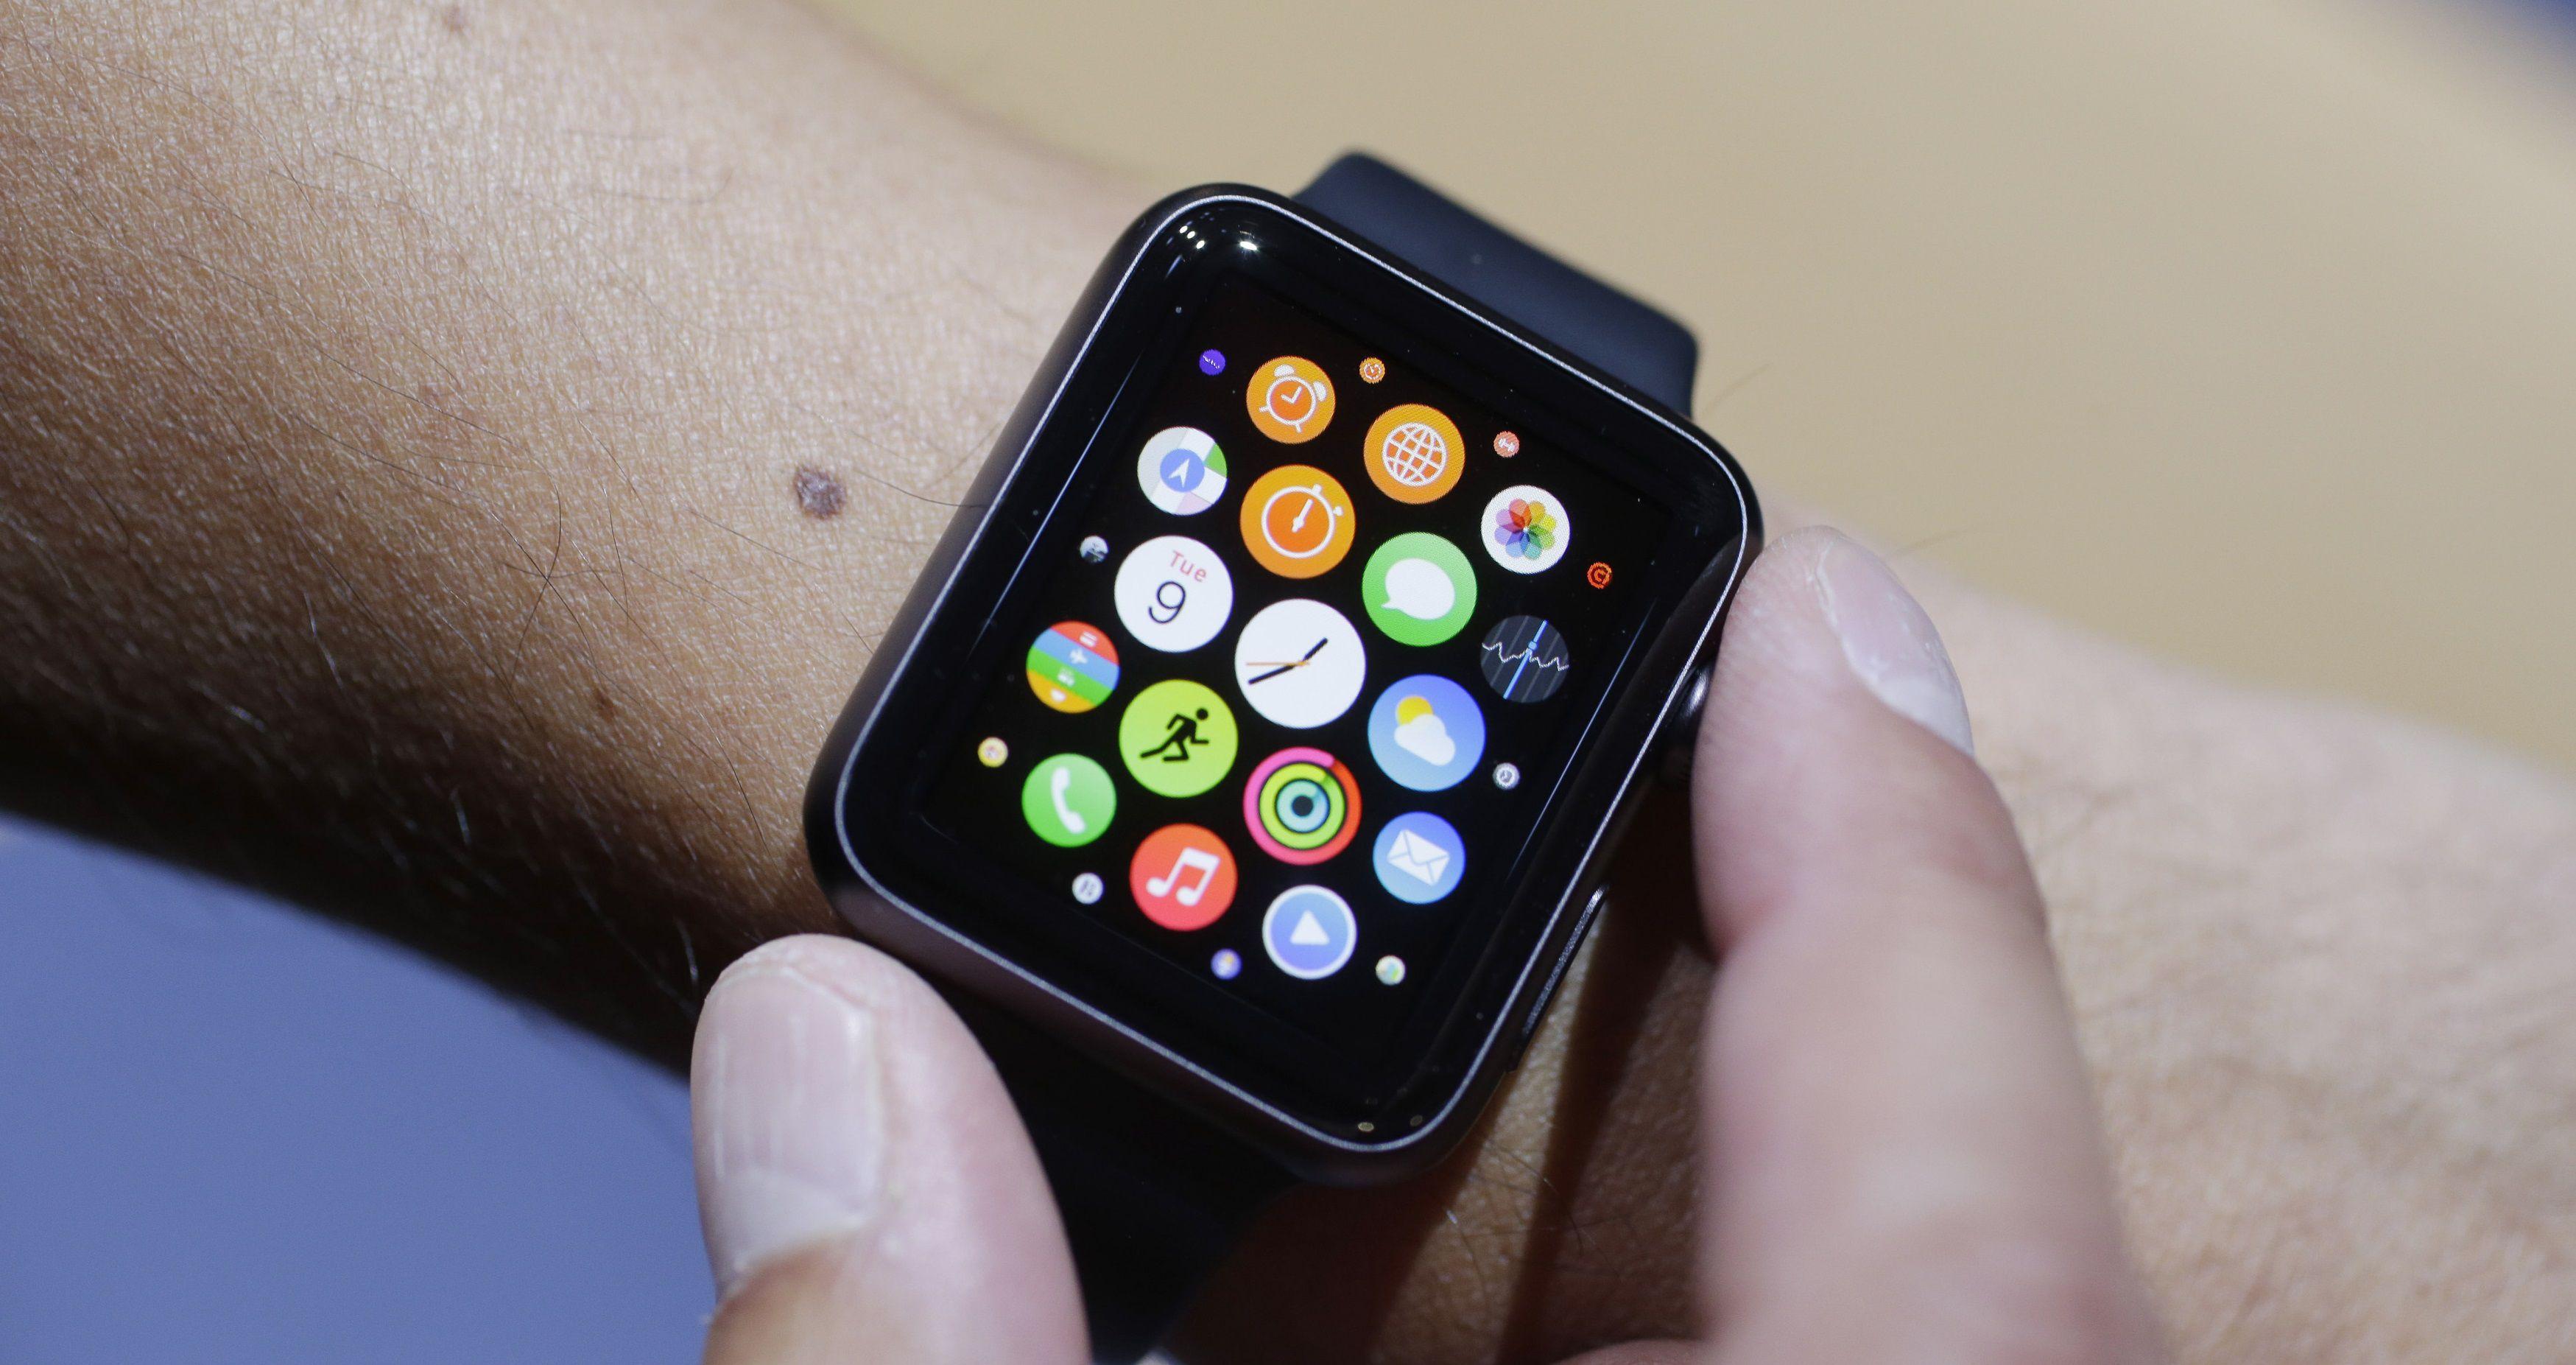 Arriva 'Apple Watch', il nuovo gioiello high-tech di casa Apple. Ecco cosa ci permetterà di fare